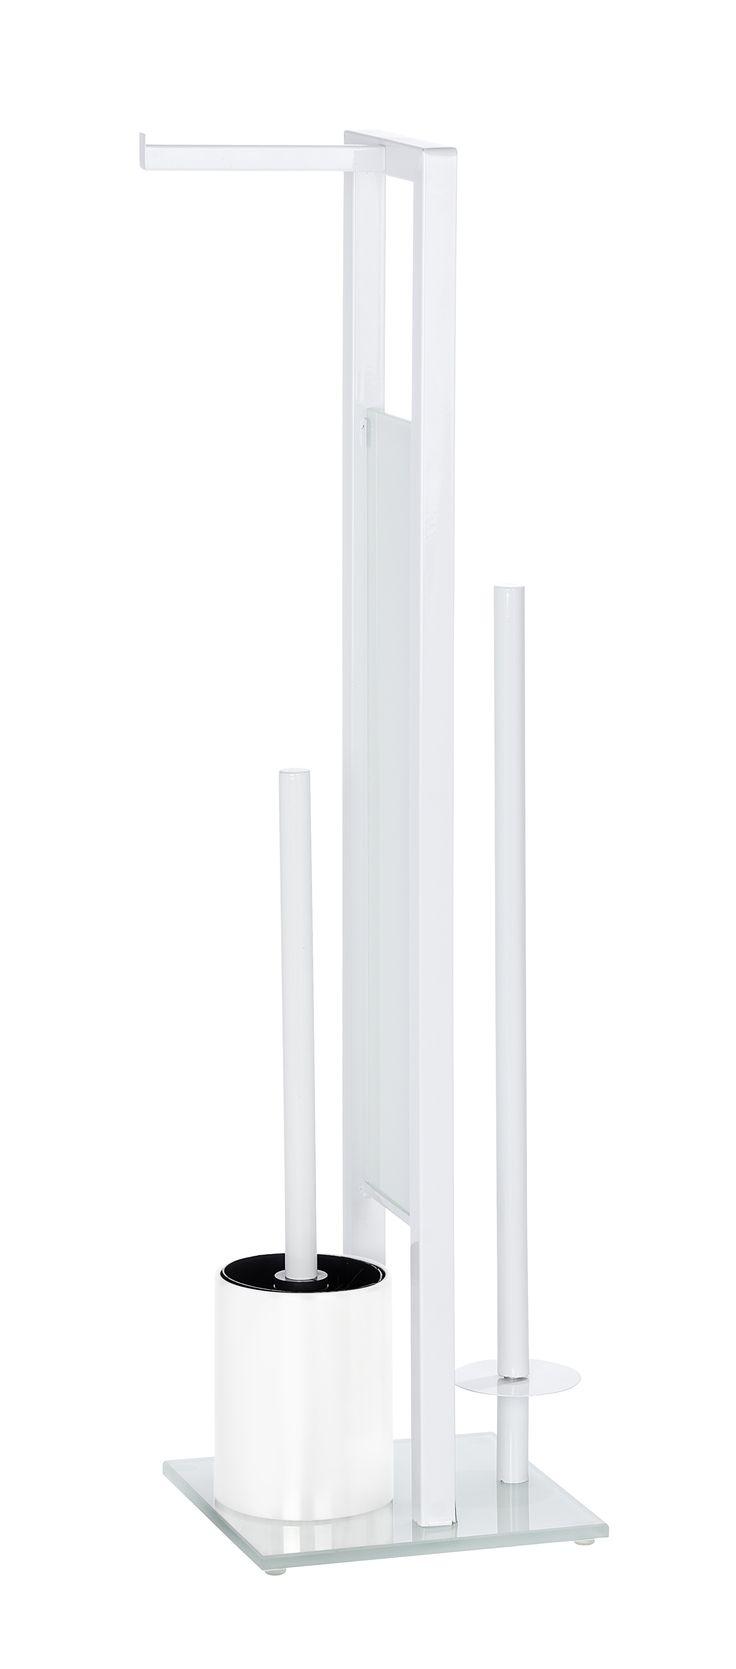 WENKO Stand WC-Garnitur Rivalta Weiß  Description: Die Stand WC-Garnitur Rivalta aus Stahl setzt dekorative Design-Akzente im Badezimmer. Sie ist eine praktische 3 in 1 Kombination bestehend aus einem offenen WC-Bürstenhalter einem offenem Toilettenpapierrollenhalter für die sofortige Entnahme und einem separaten Ersatzrollenhalter für die Aufbewahrung von bis zu 3 weiteren Rollen. Die schöne weiße Sicherheits-Glasplatte garantiert einen sicheren Stand der WC-Garnitur. Im Lieferumfang ist…